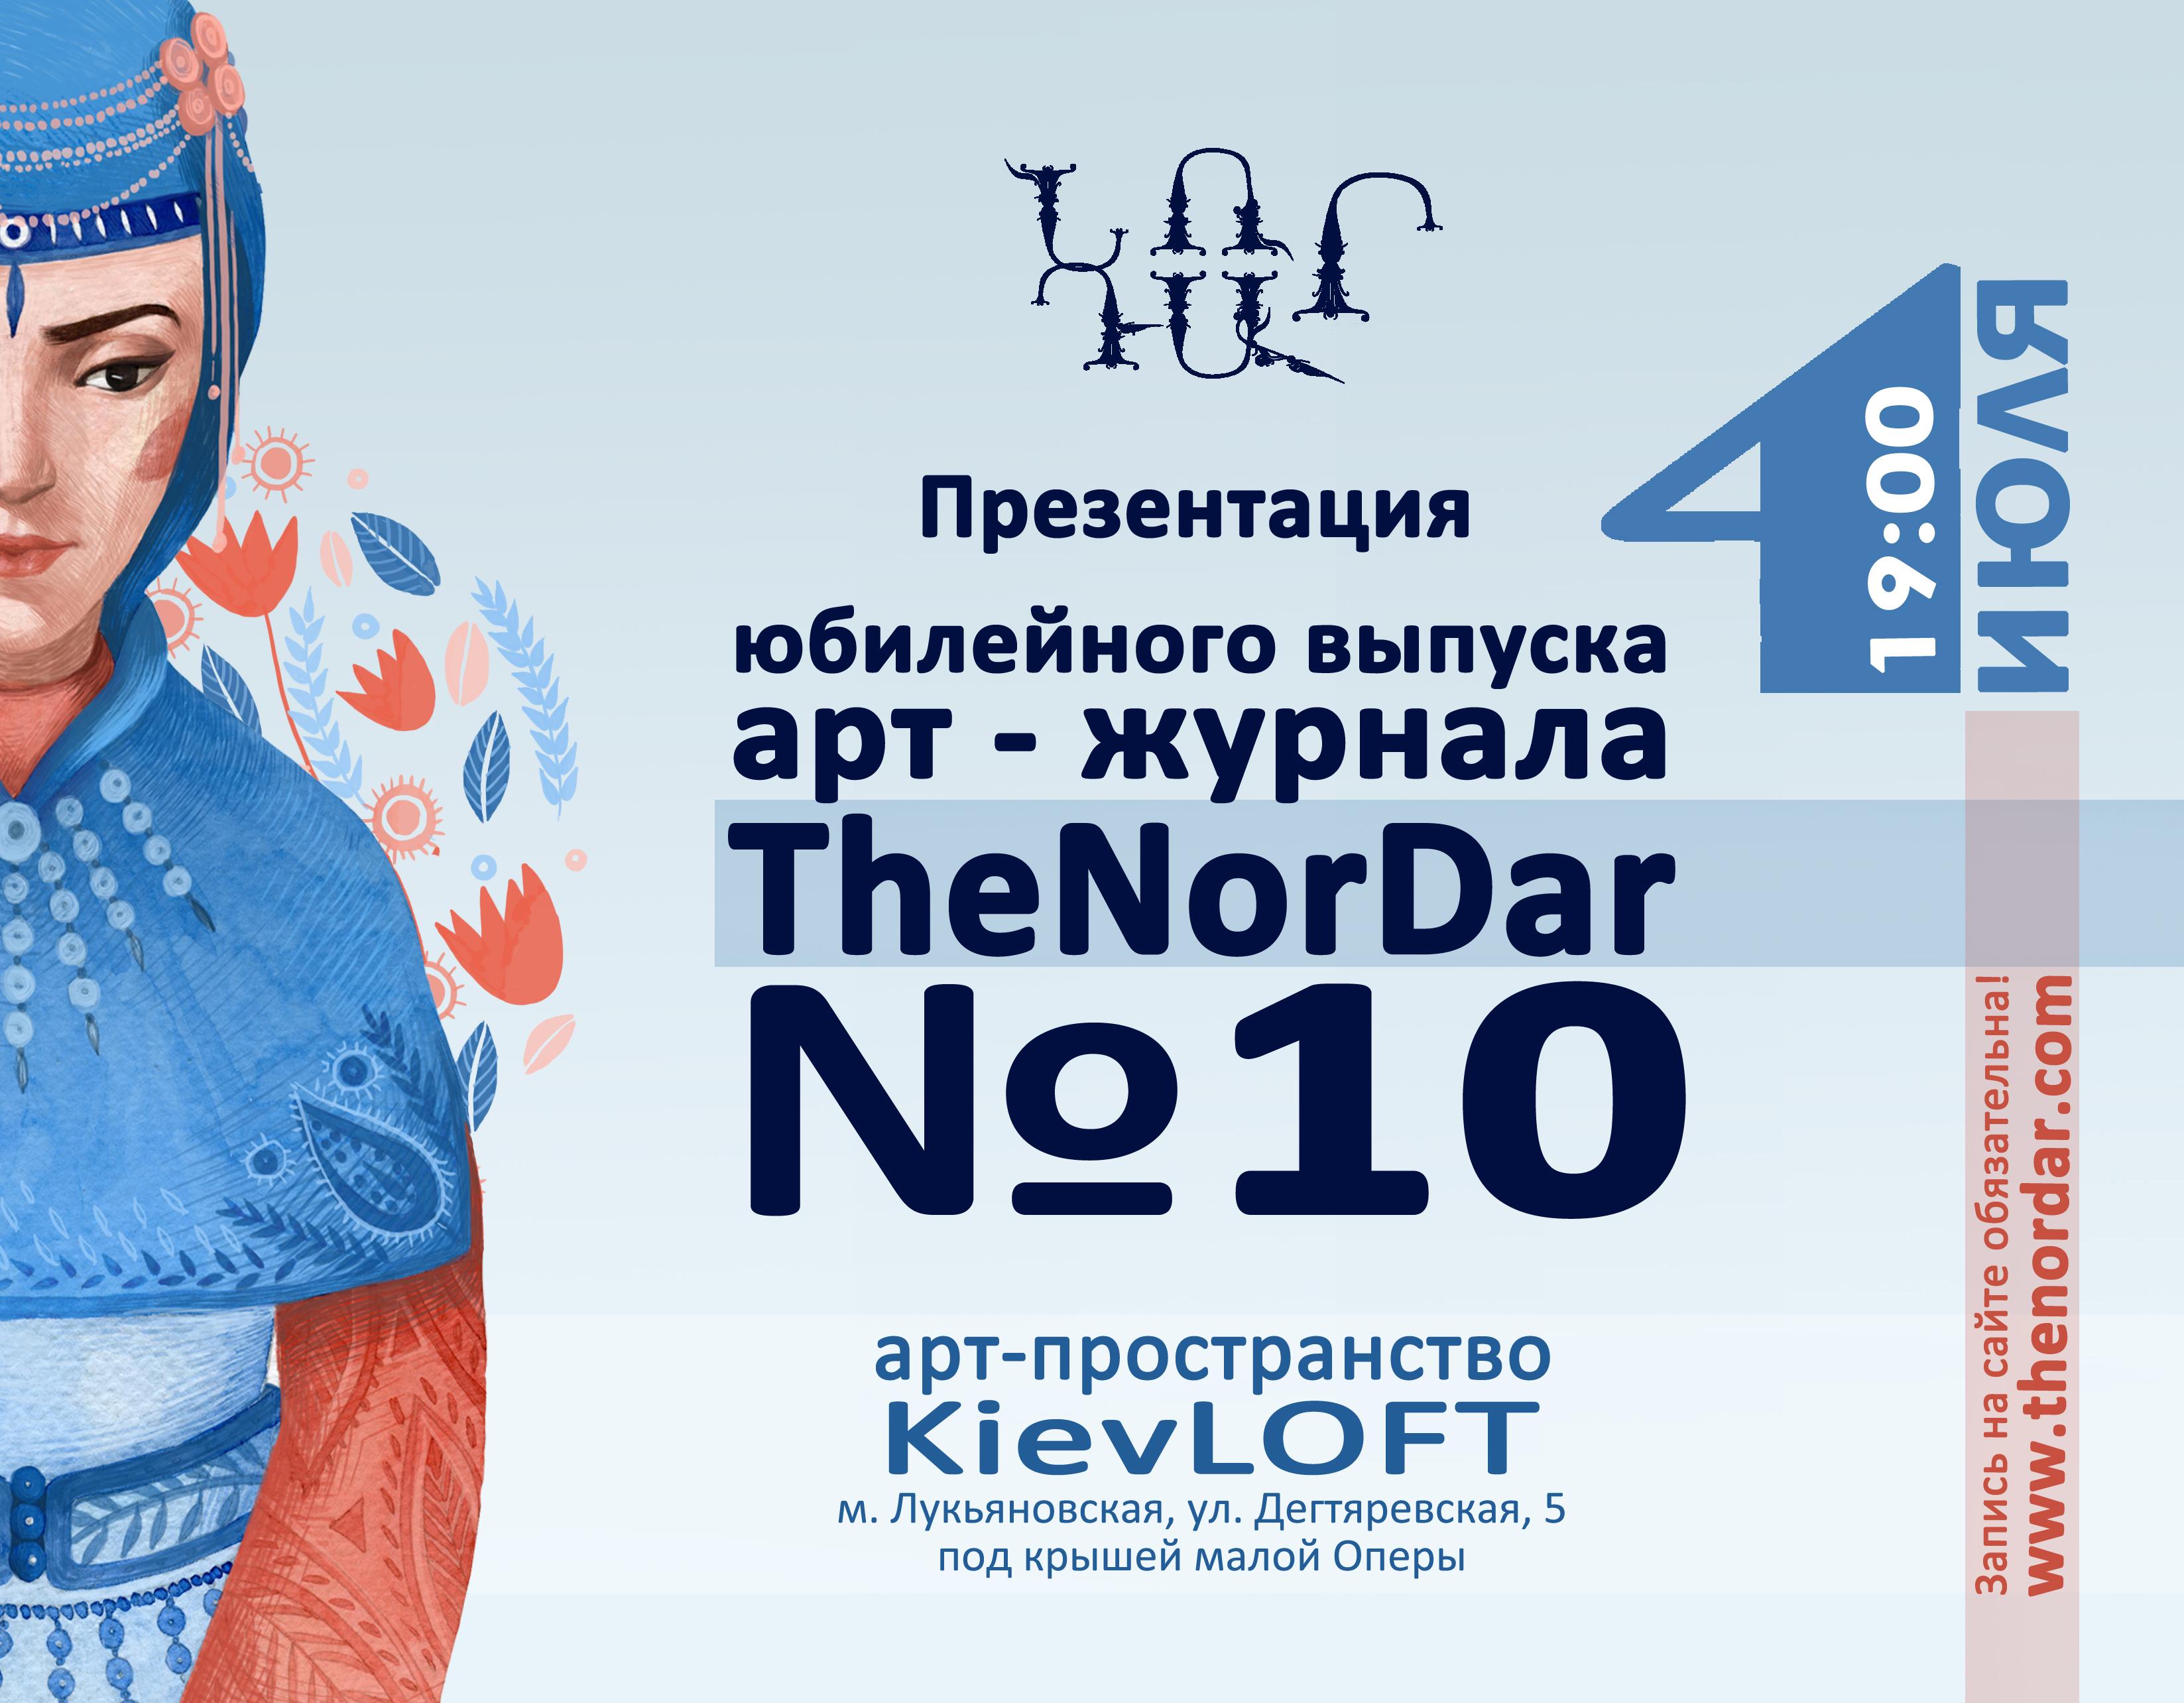 TheNorDarAfisha3